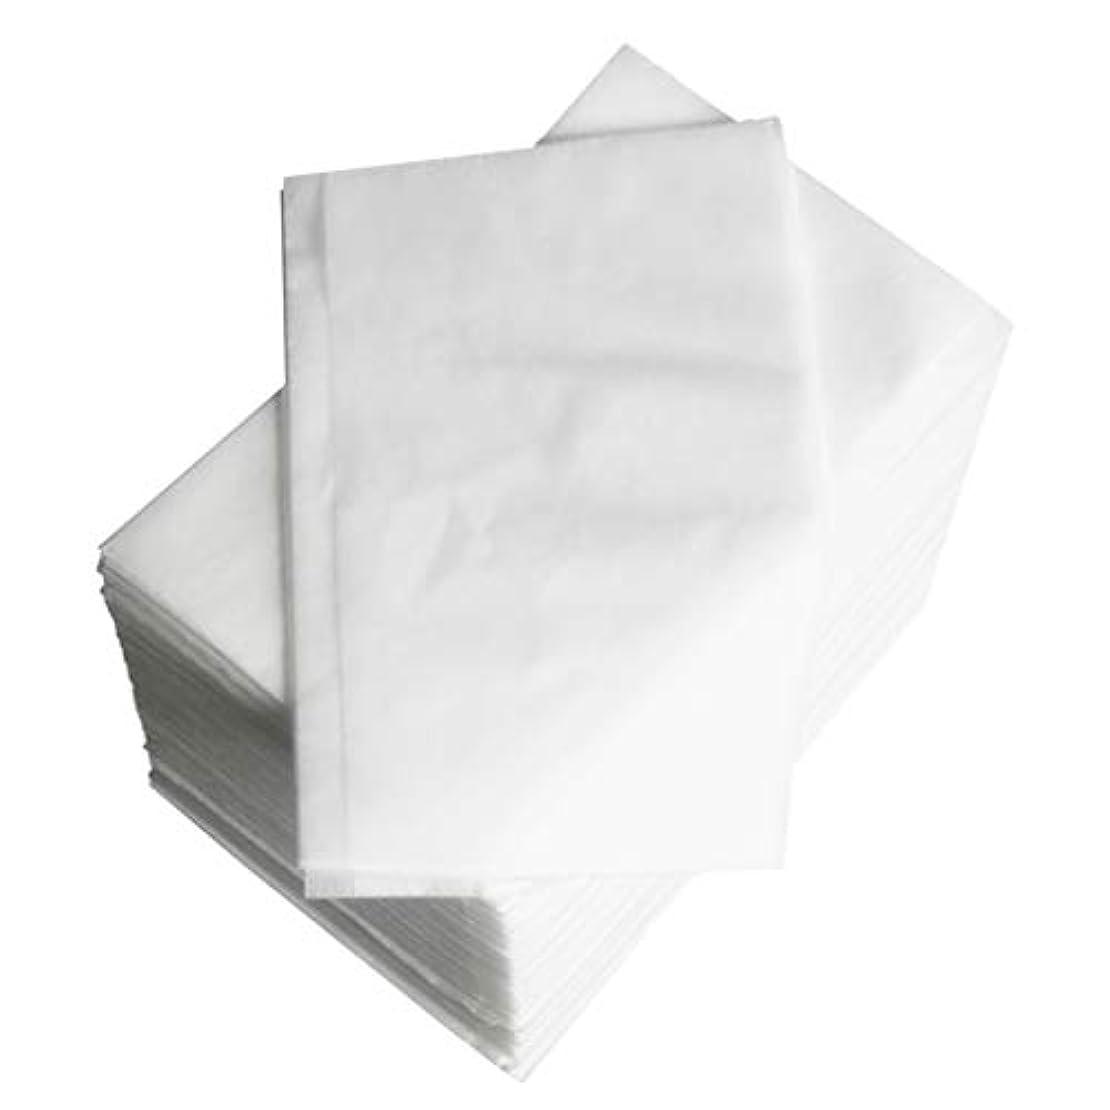 アラビア語冷える慢性的約100個 使い捨て マッサージ テーブルシーツベッドカバー 80×180cm 不織布 ブルー - 白